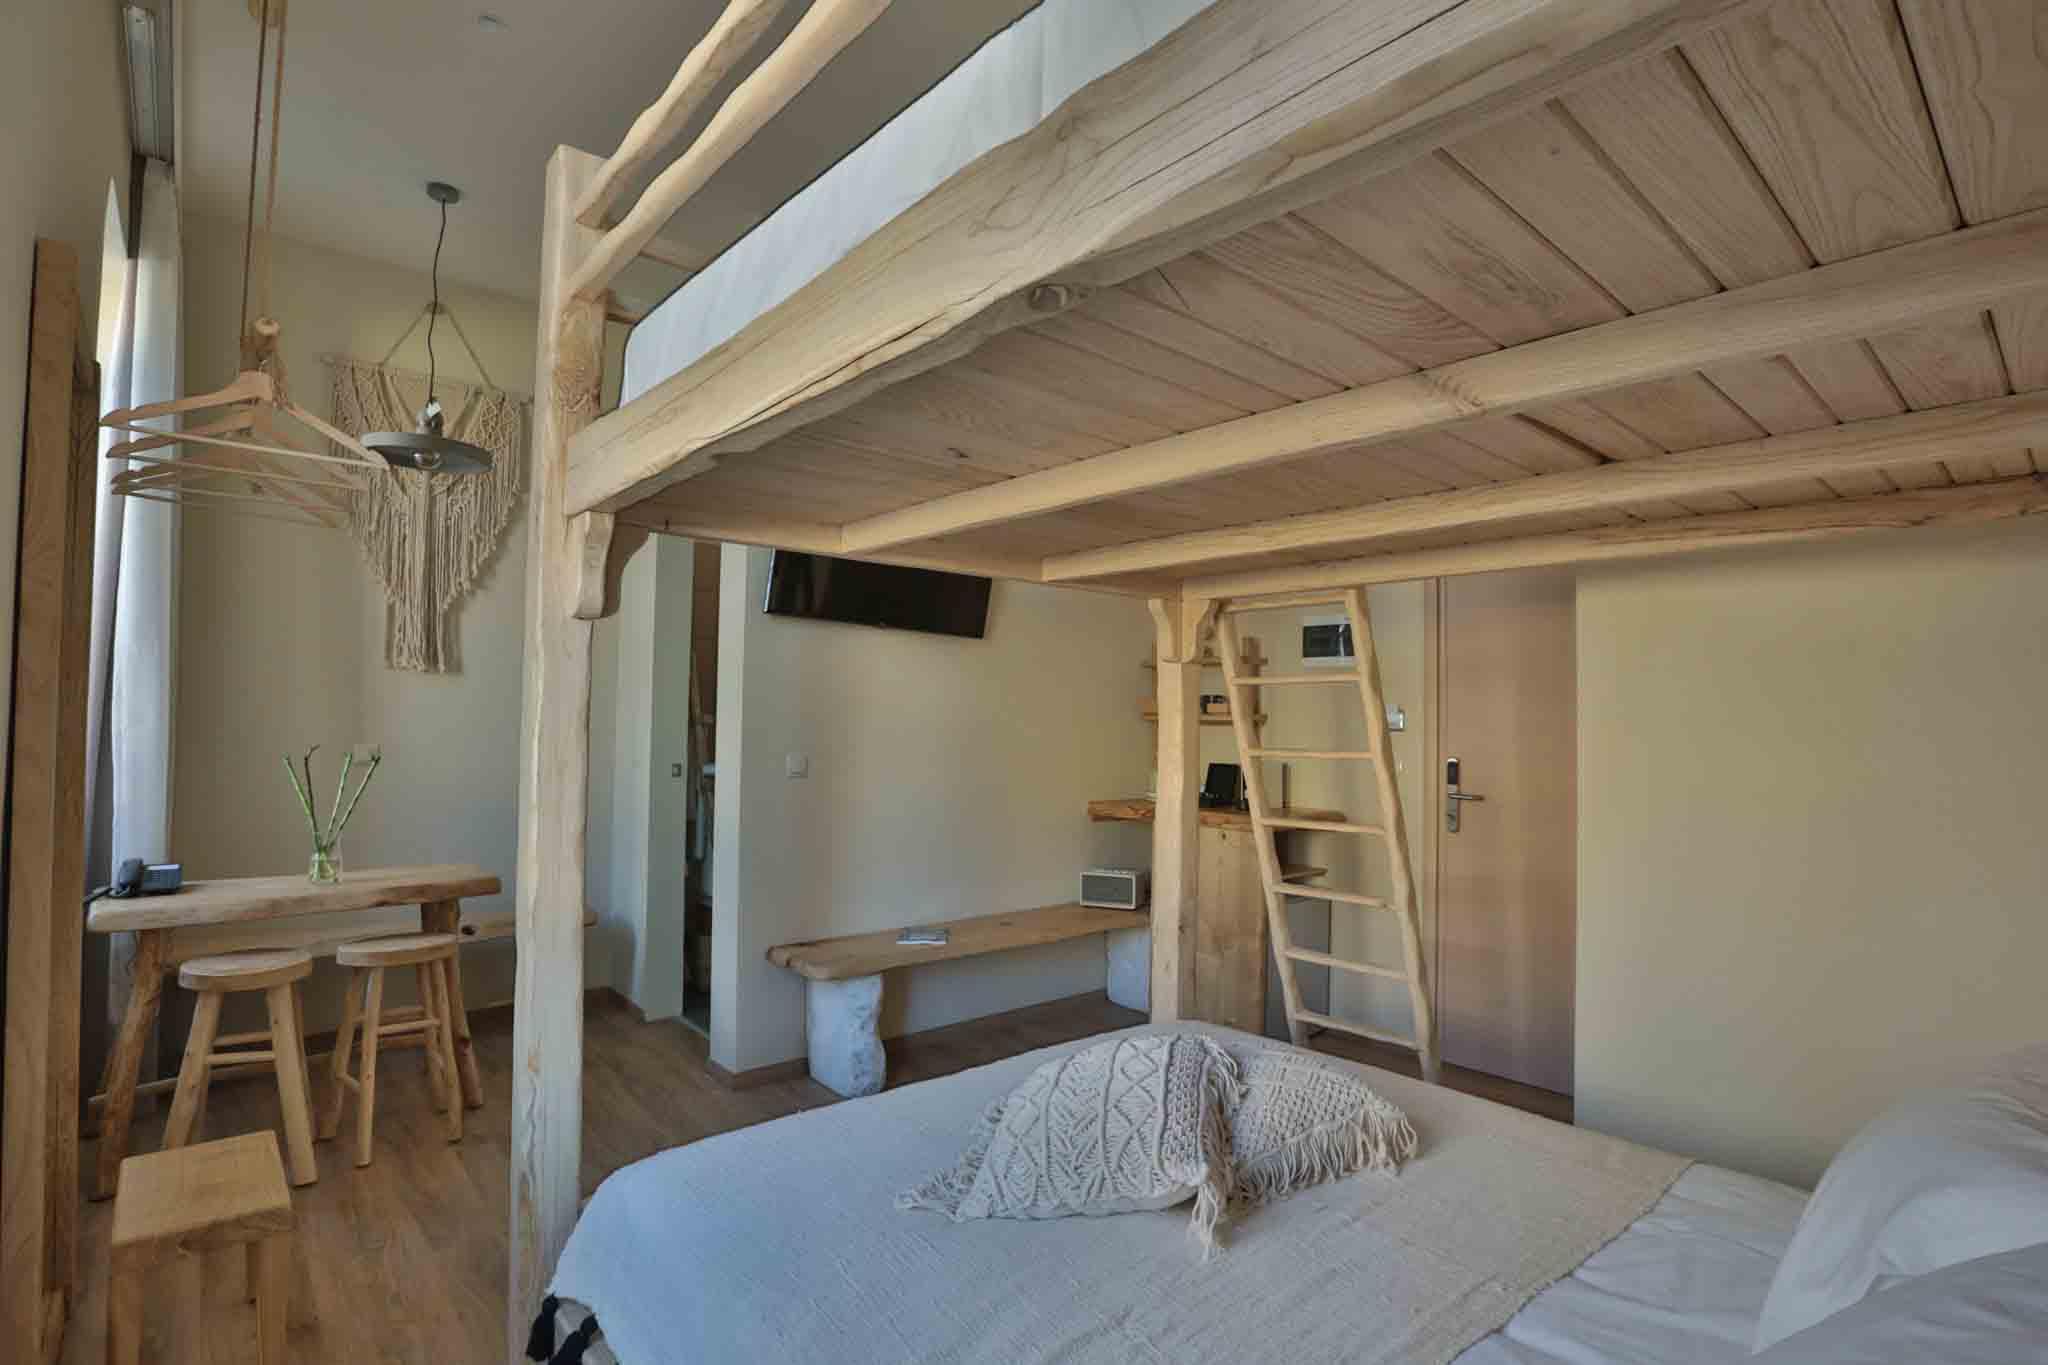 Hotel_room_Olivia_02